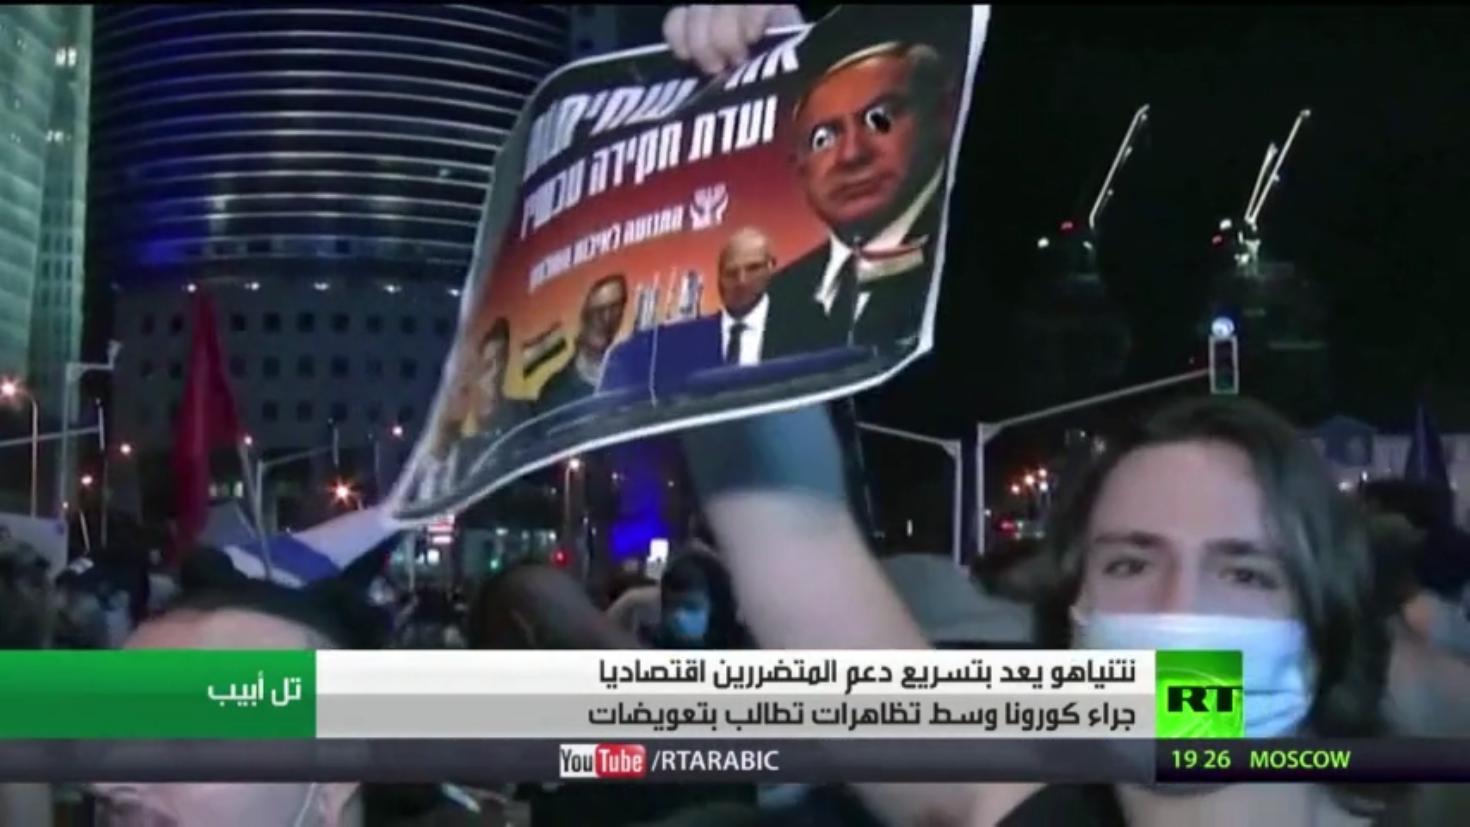 تظاهرات في إسرائيل ضد الوضع الاقتصادي